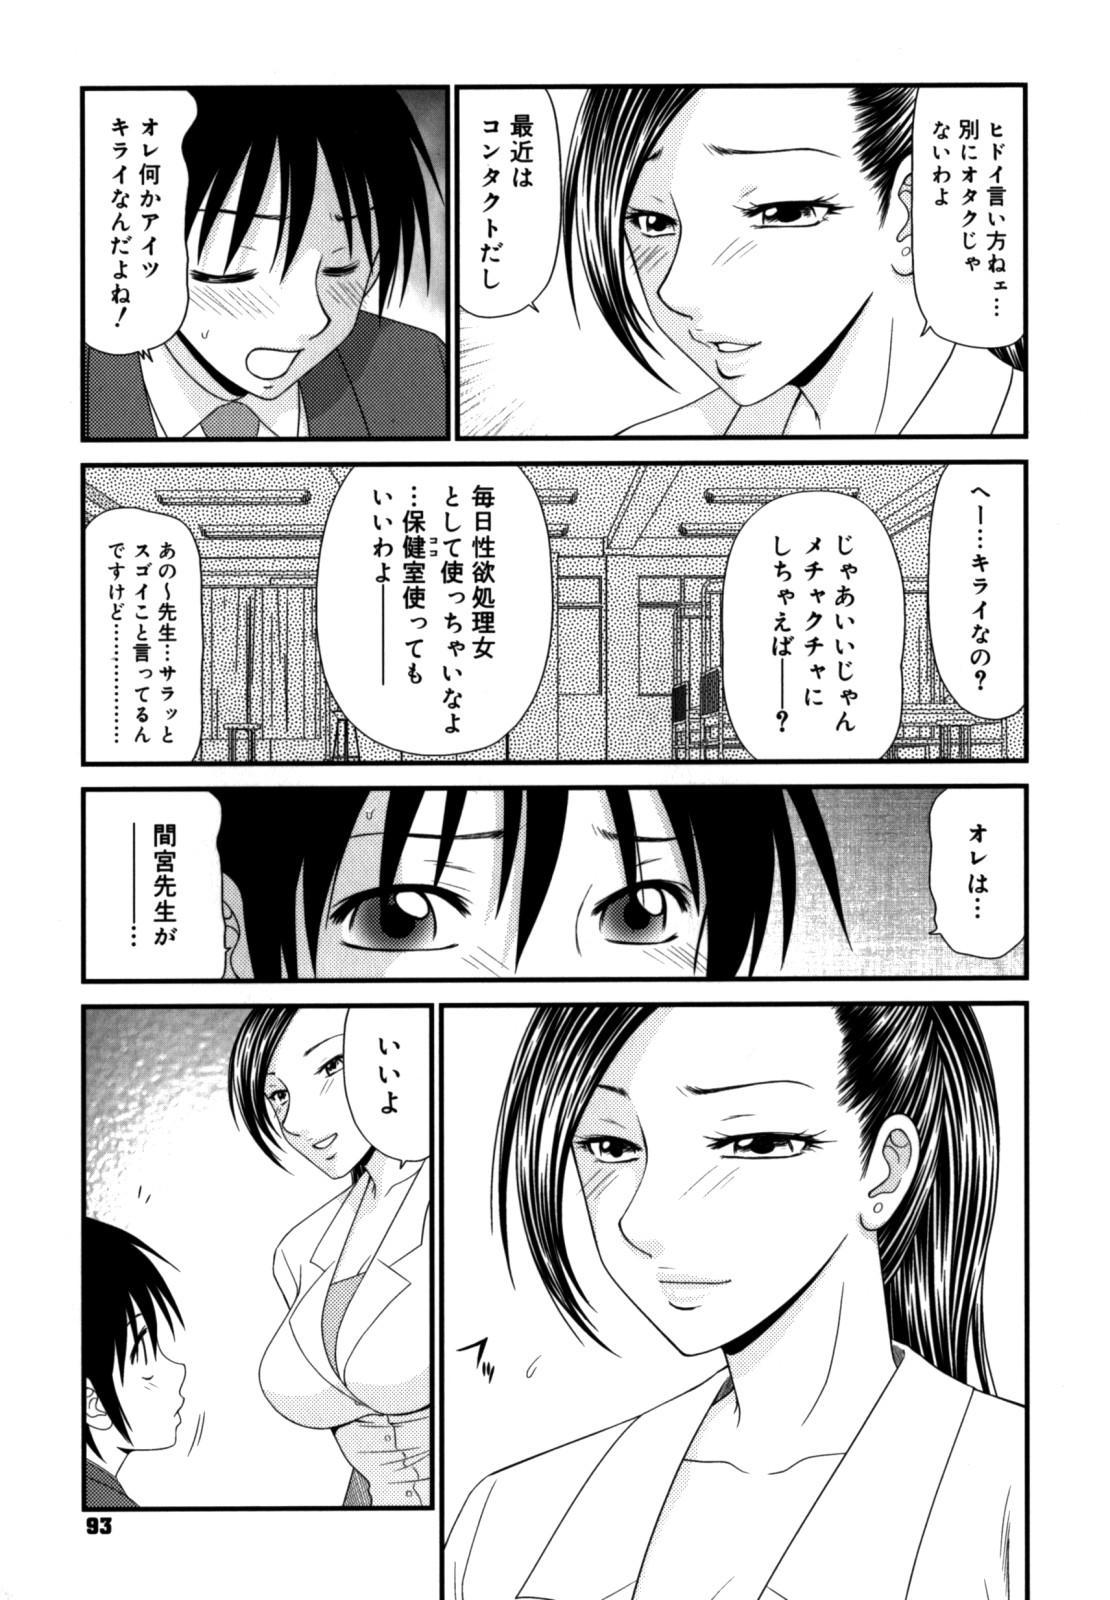 Gakuen no Mushikera 2 92